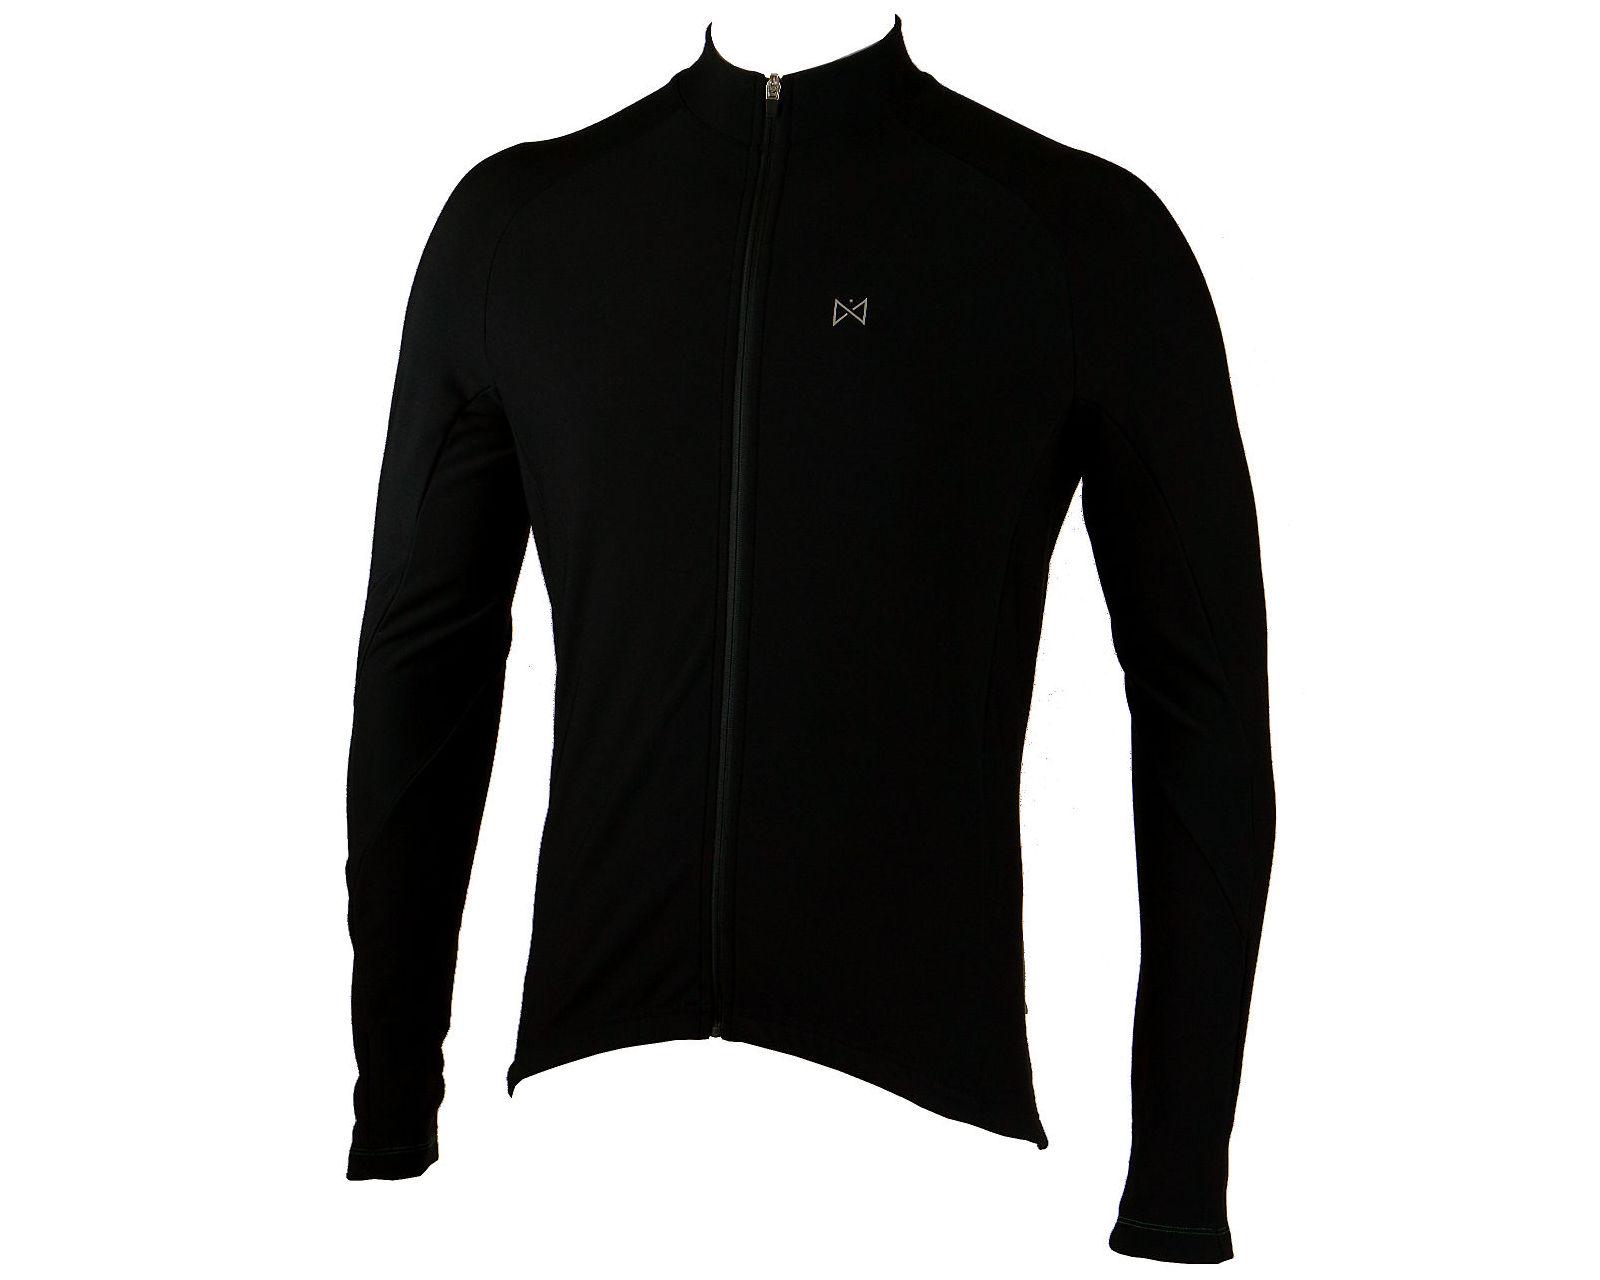 Merlin Wear Sport Long Sleeve Cycling Jersey